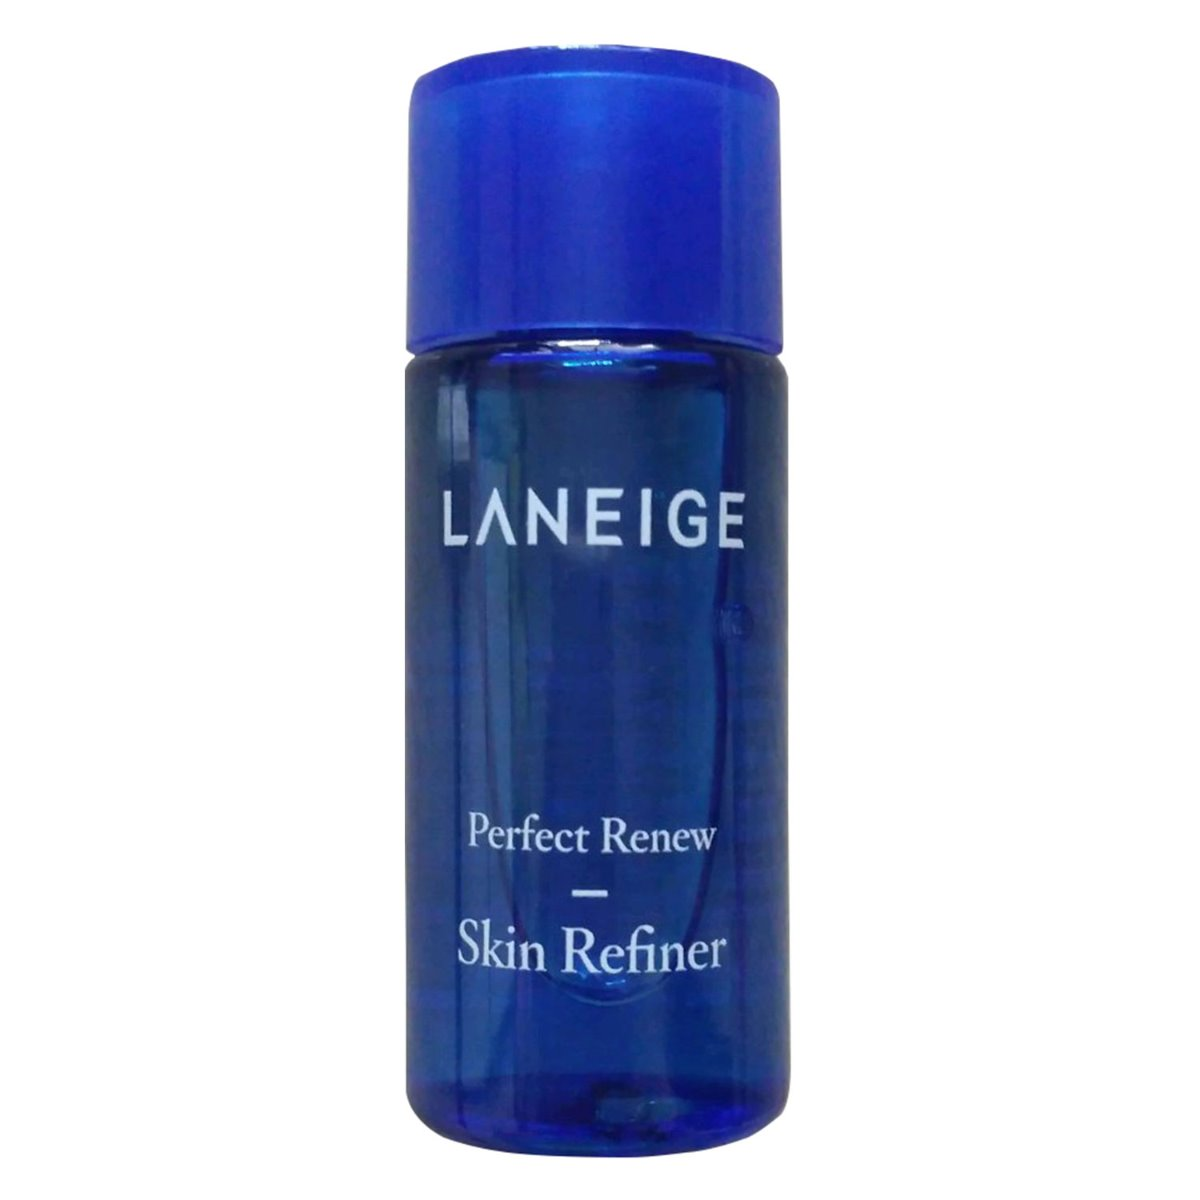 Nước Cân Bằng Laneige Ngăn Ngừa Lão Hoá Da Perfect Renew Skin Refiner – Miniature 15ml